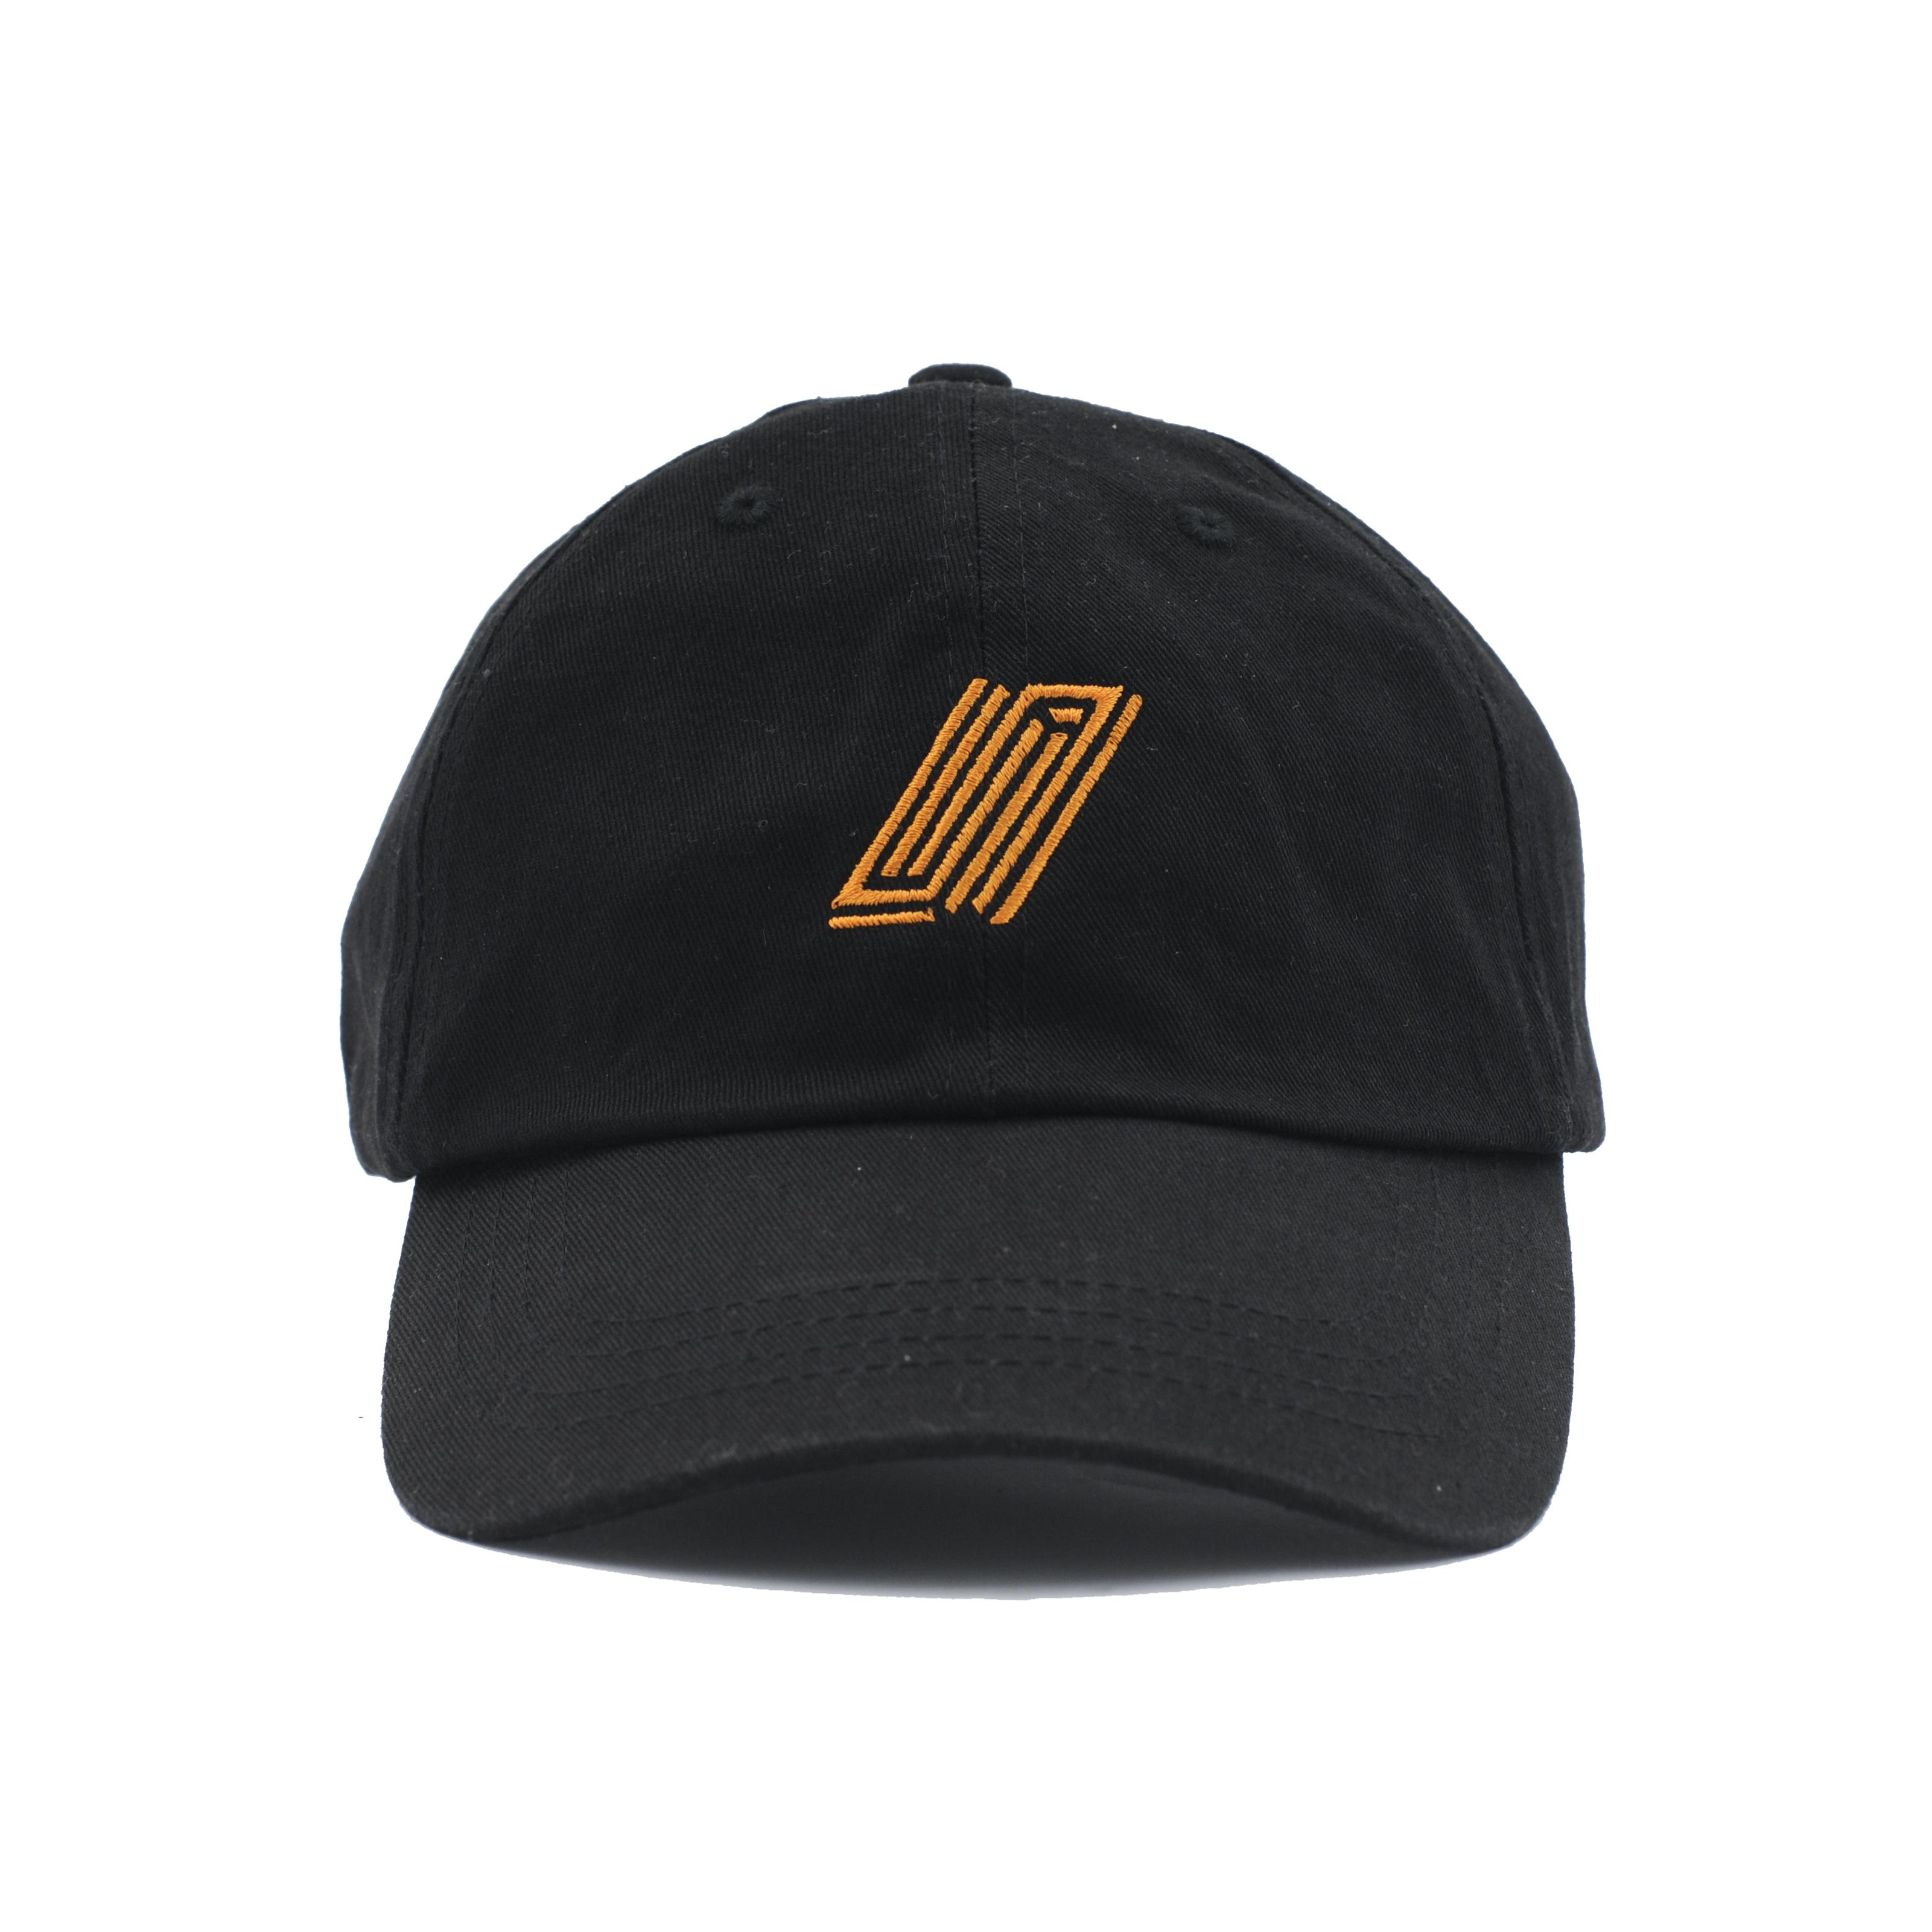 United Dad Hat Pumpkin Orange